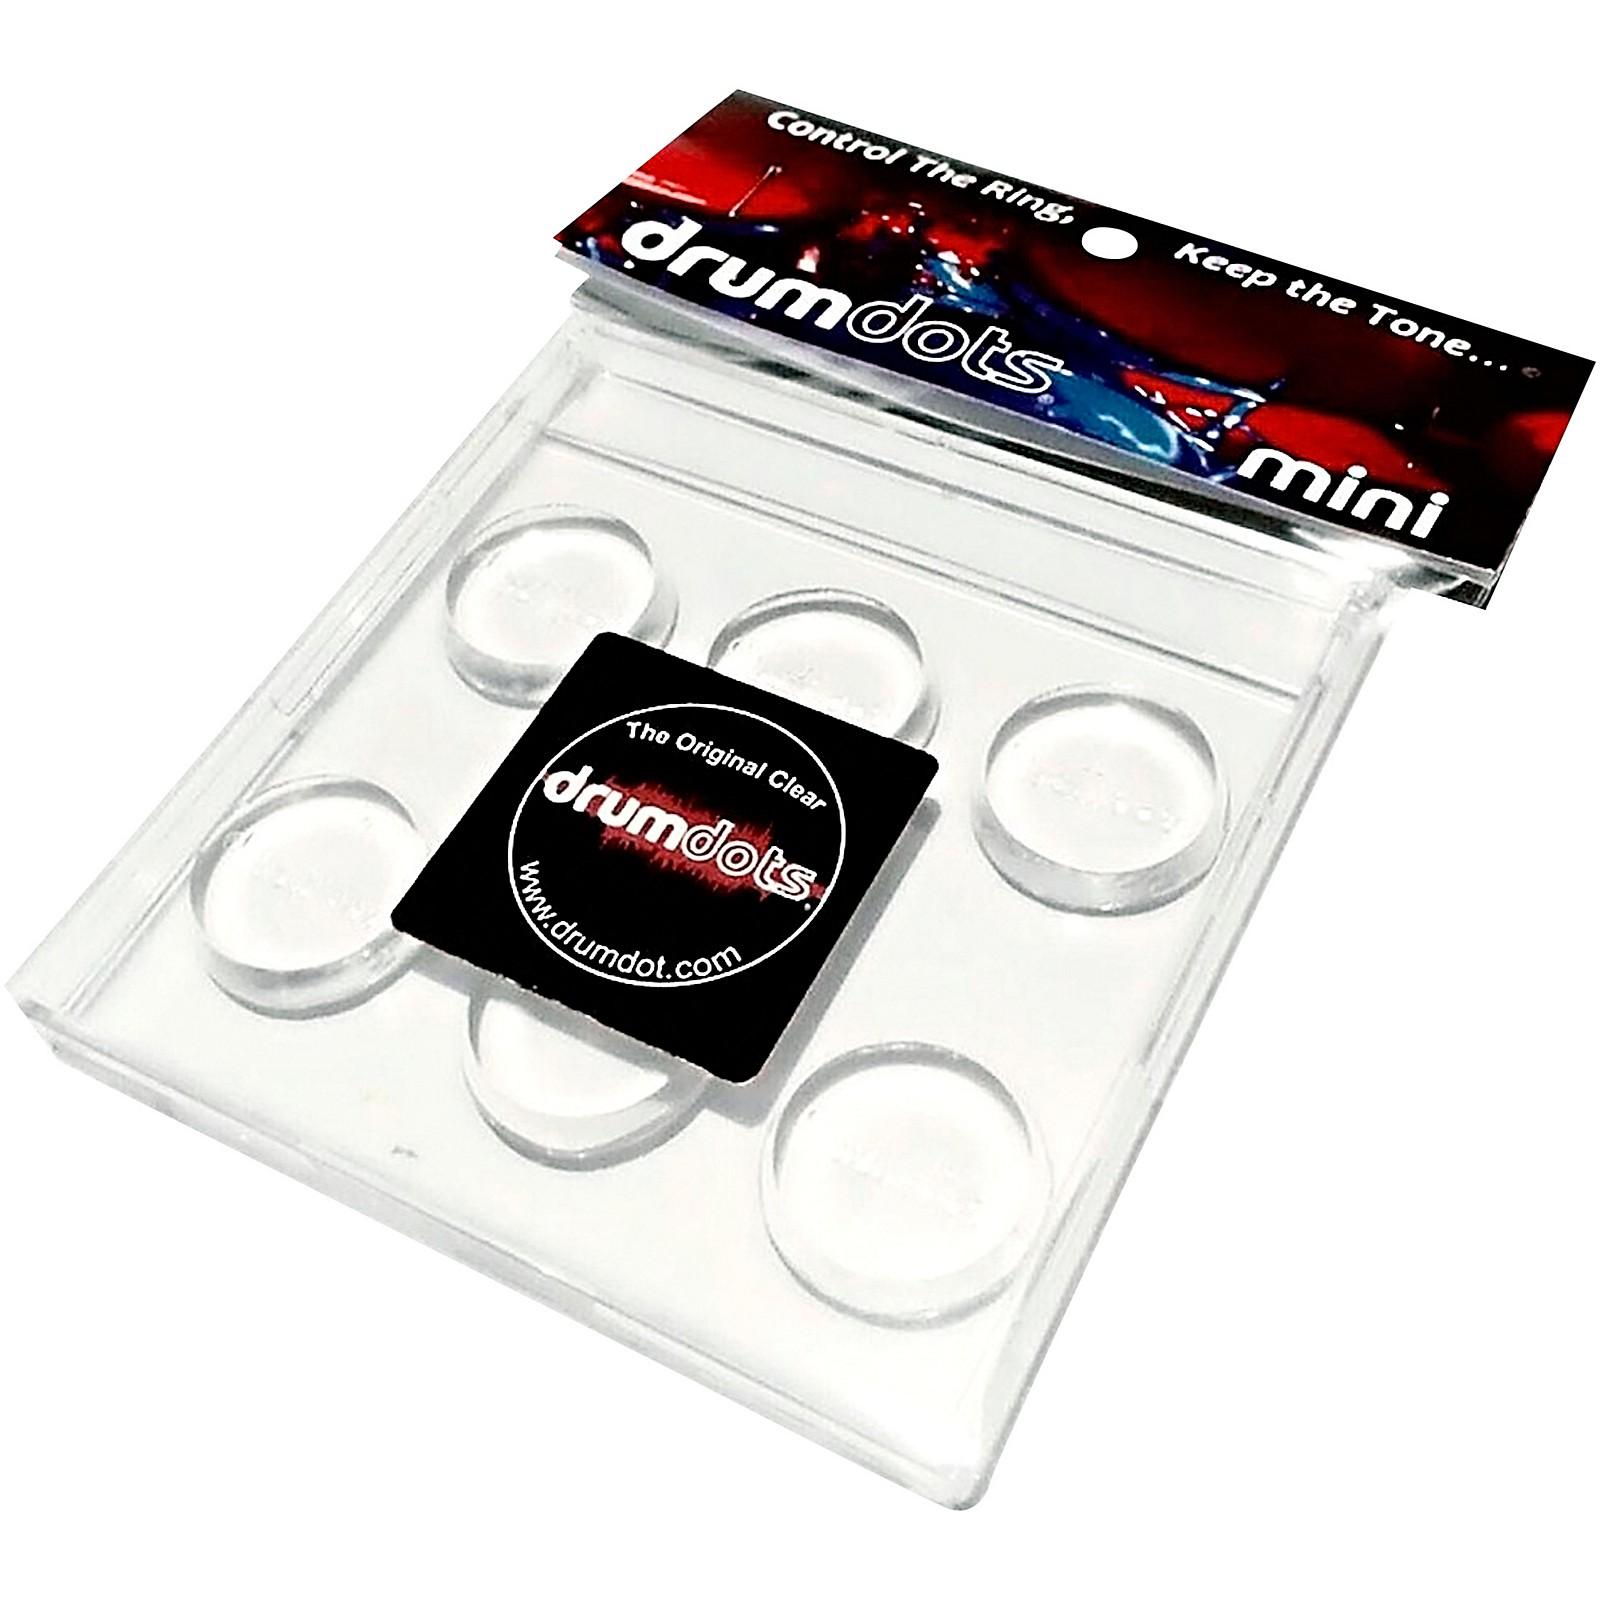 drumdots Mini Drum Dampener, 6-pack